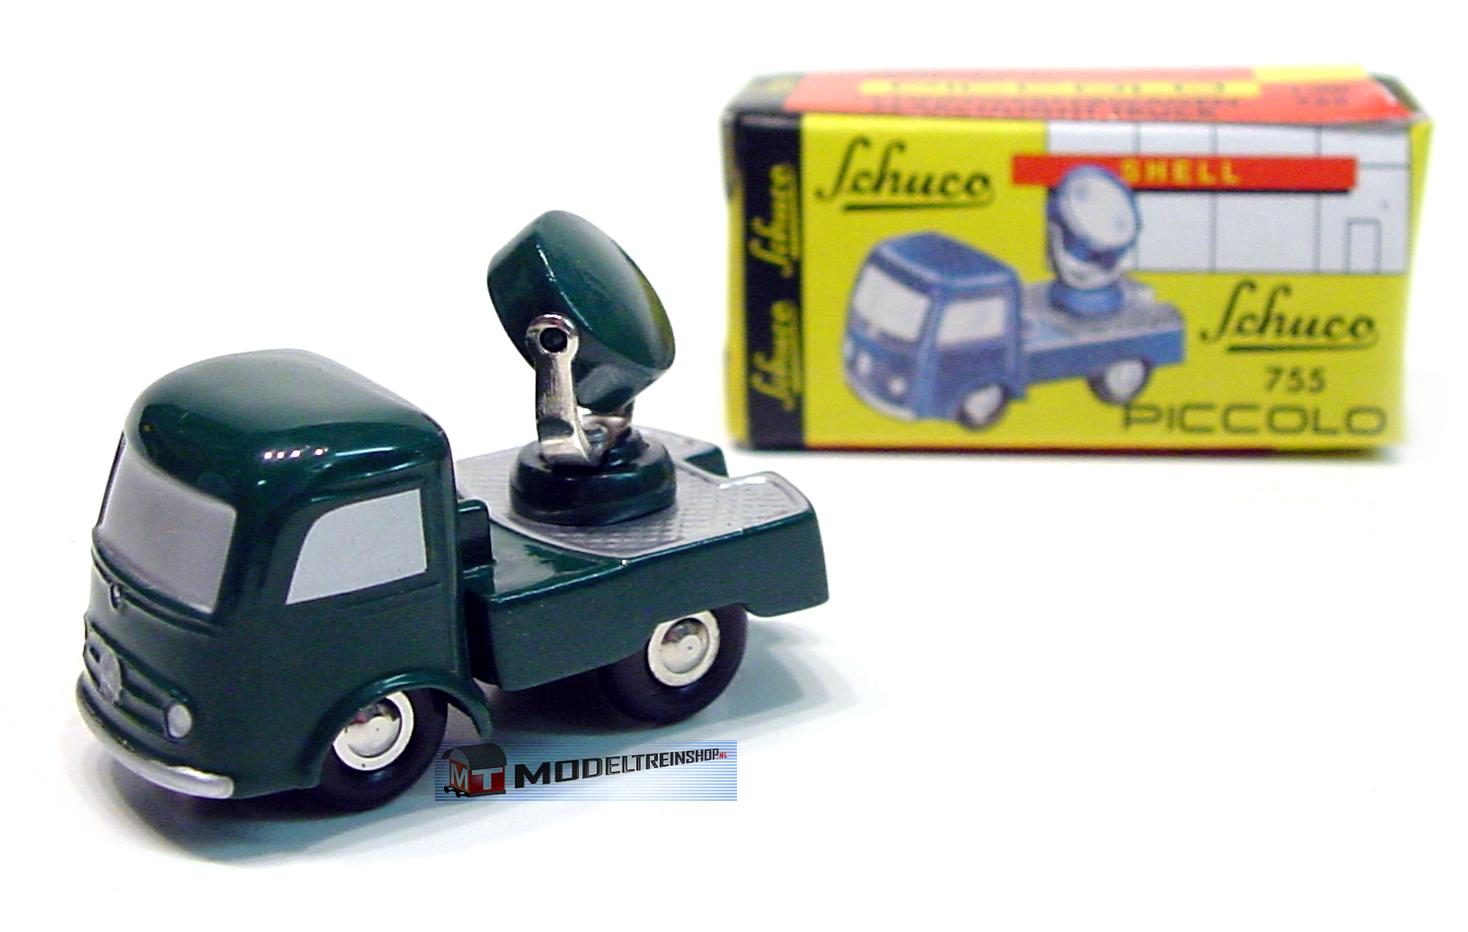 Schuco 05161 Piccolo Zoeklichtwagen Modellauto Metall 1:90 - Modeltreinshop